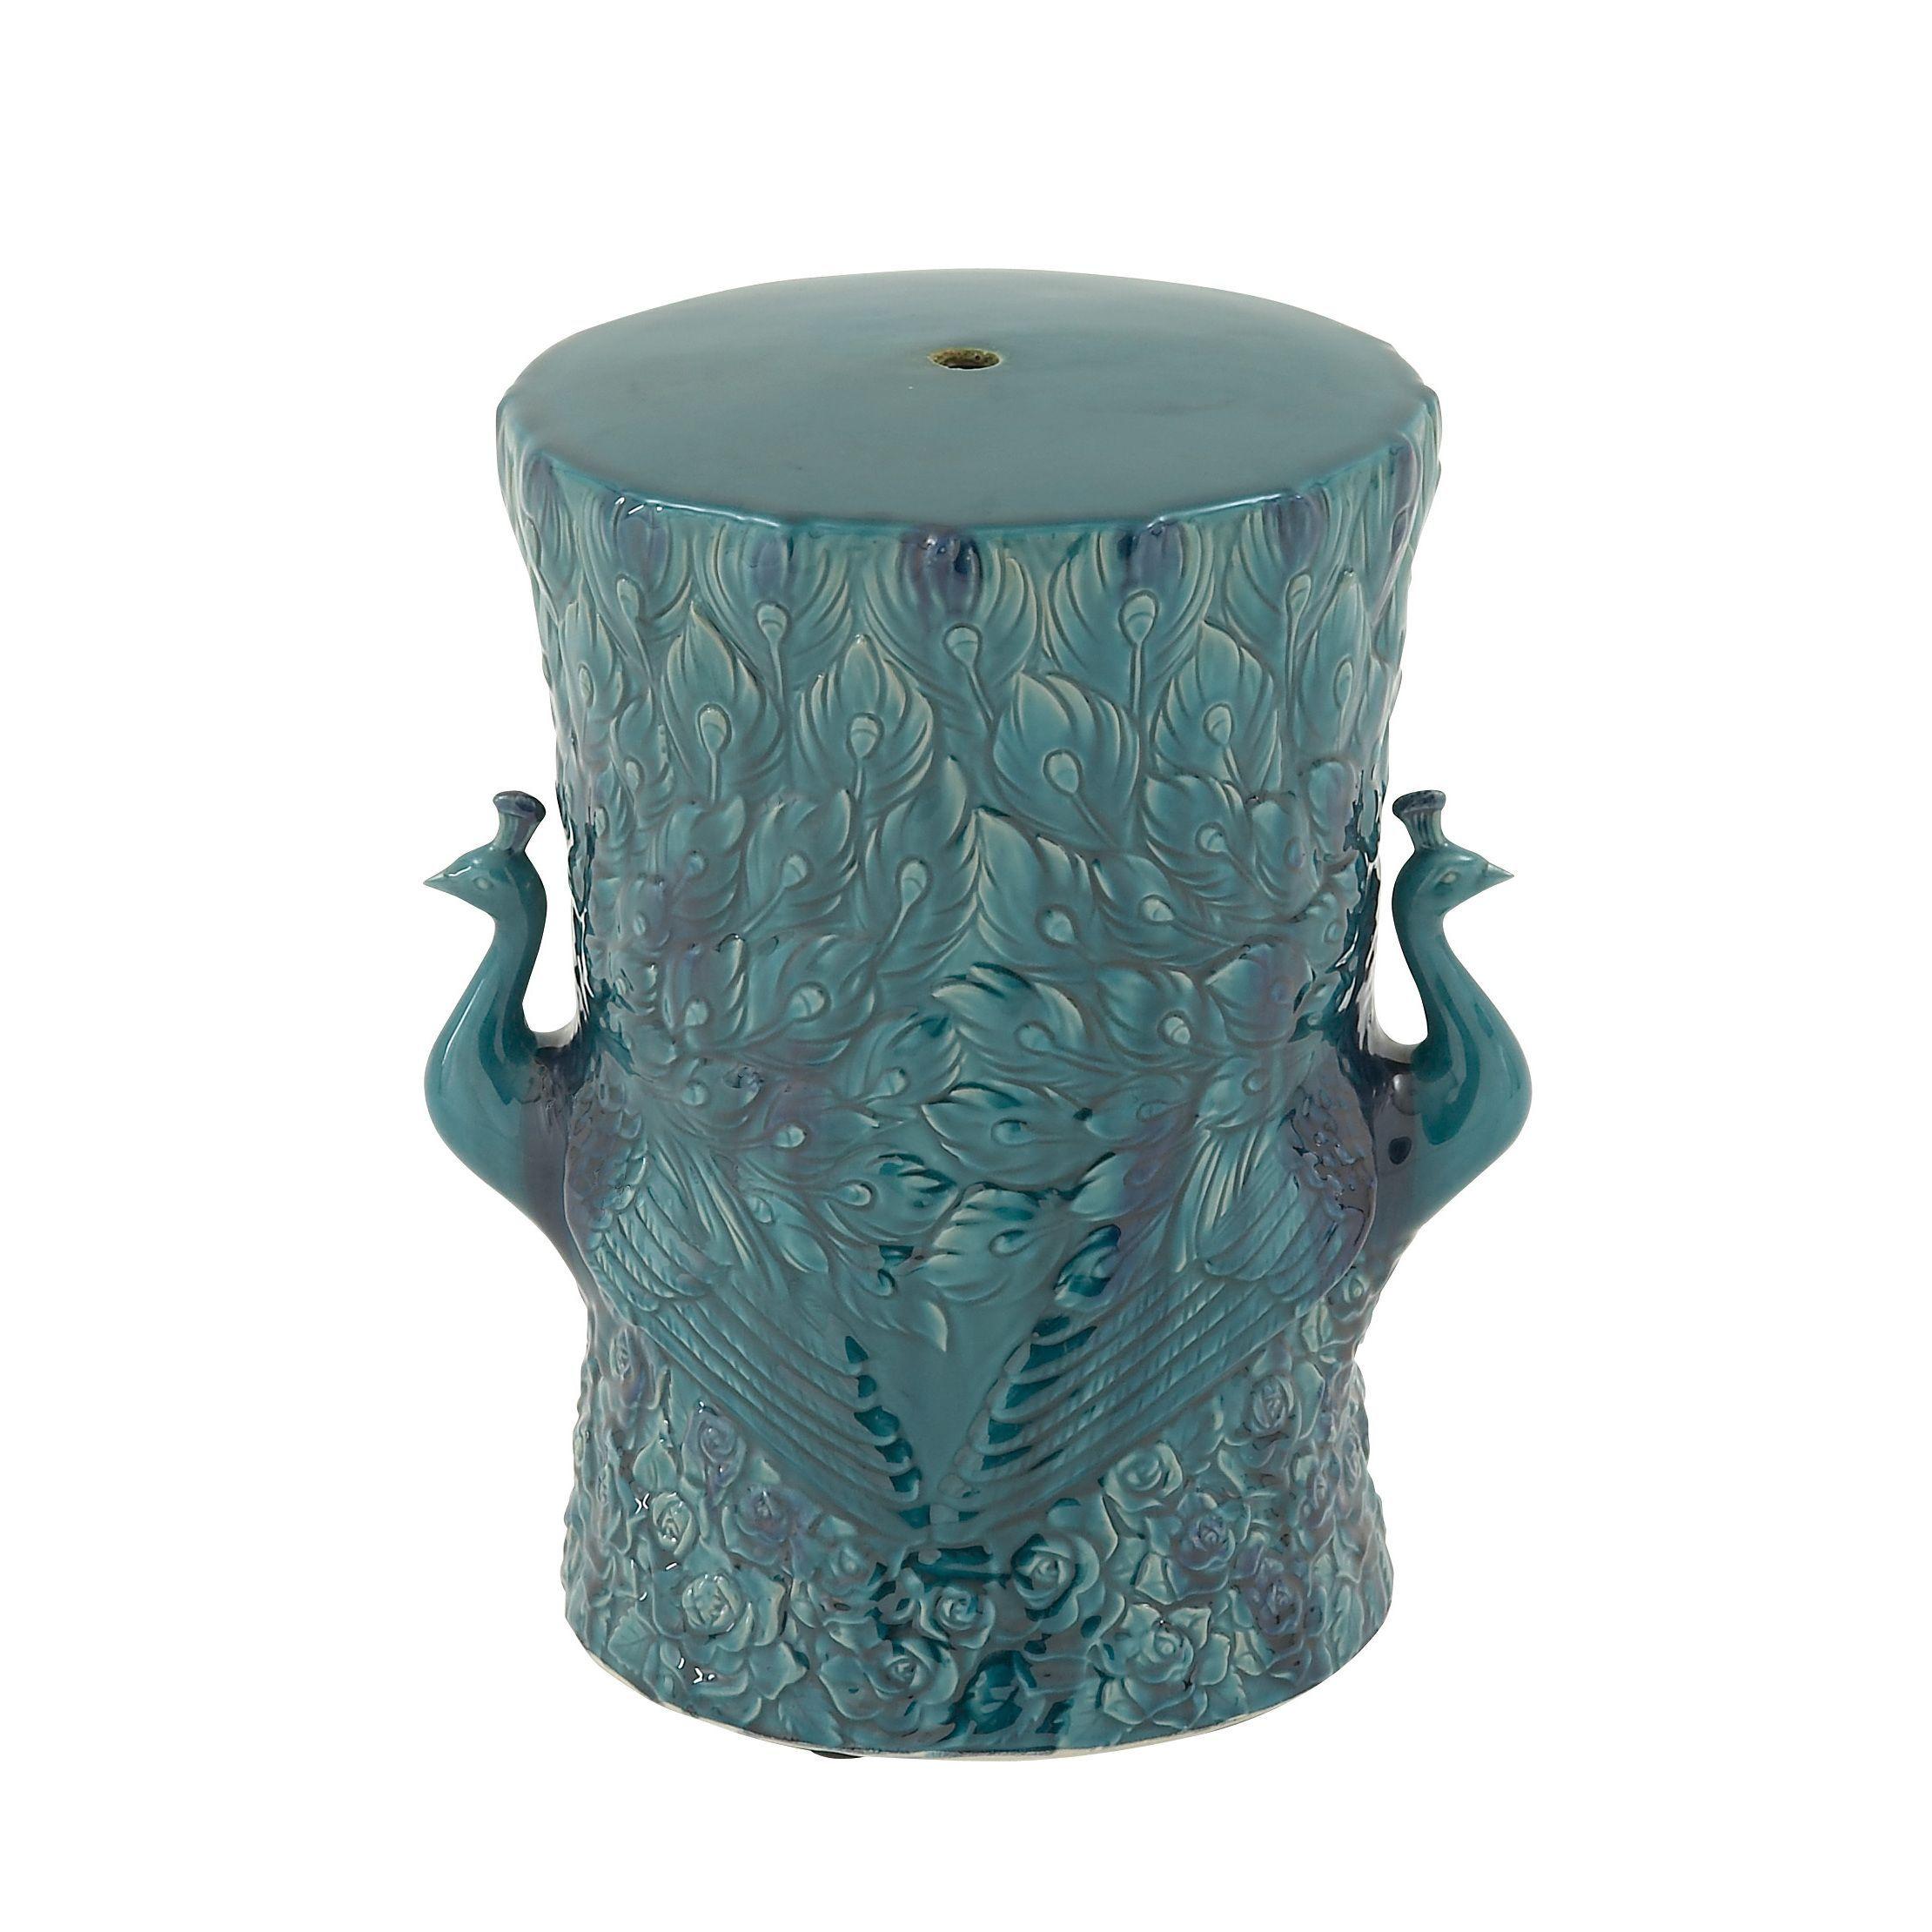 Blue Ceramic Accent Table